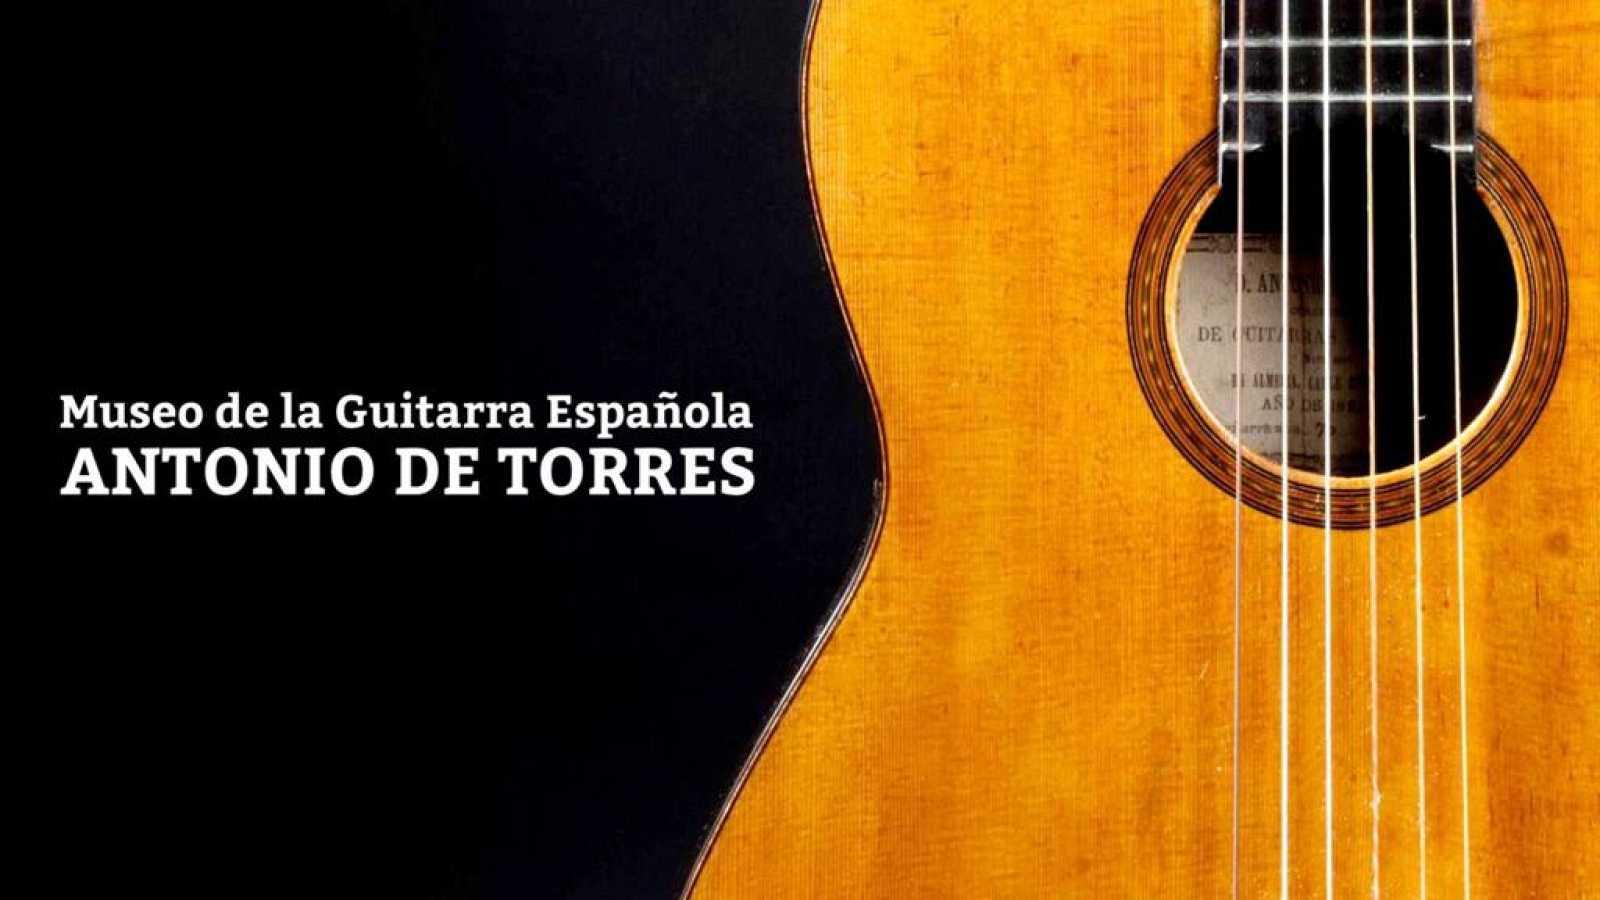 No es un día cualquiera - Hormonas, menopausia y guitarra española - Hora 5 - 09/05/2021 - Escuchar ahora